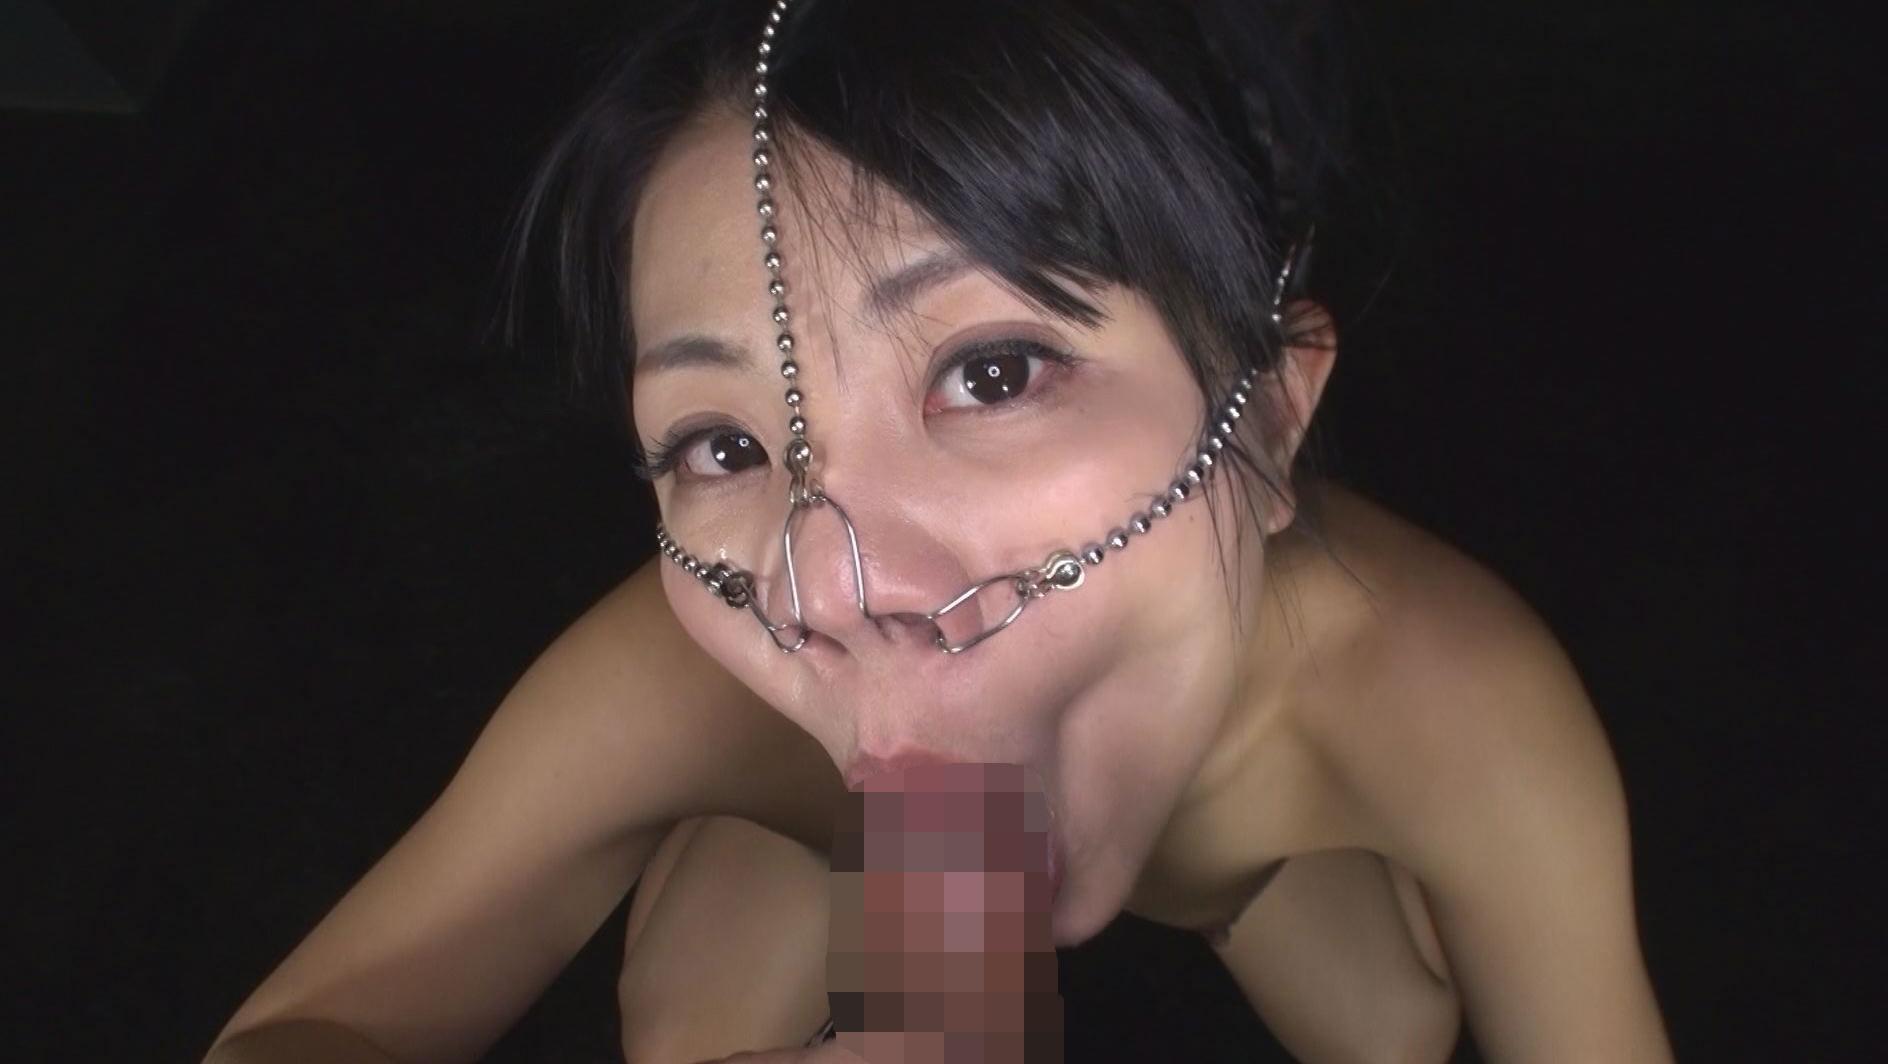 美顔羞恥 豚鼻フェラ 画像15